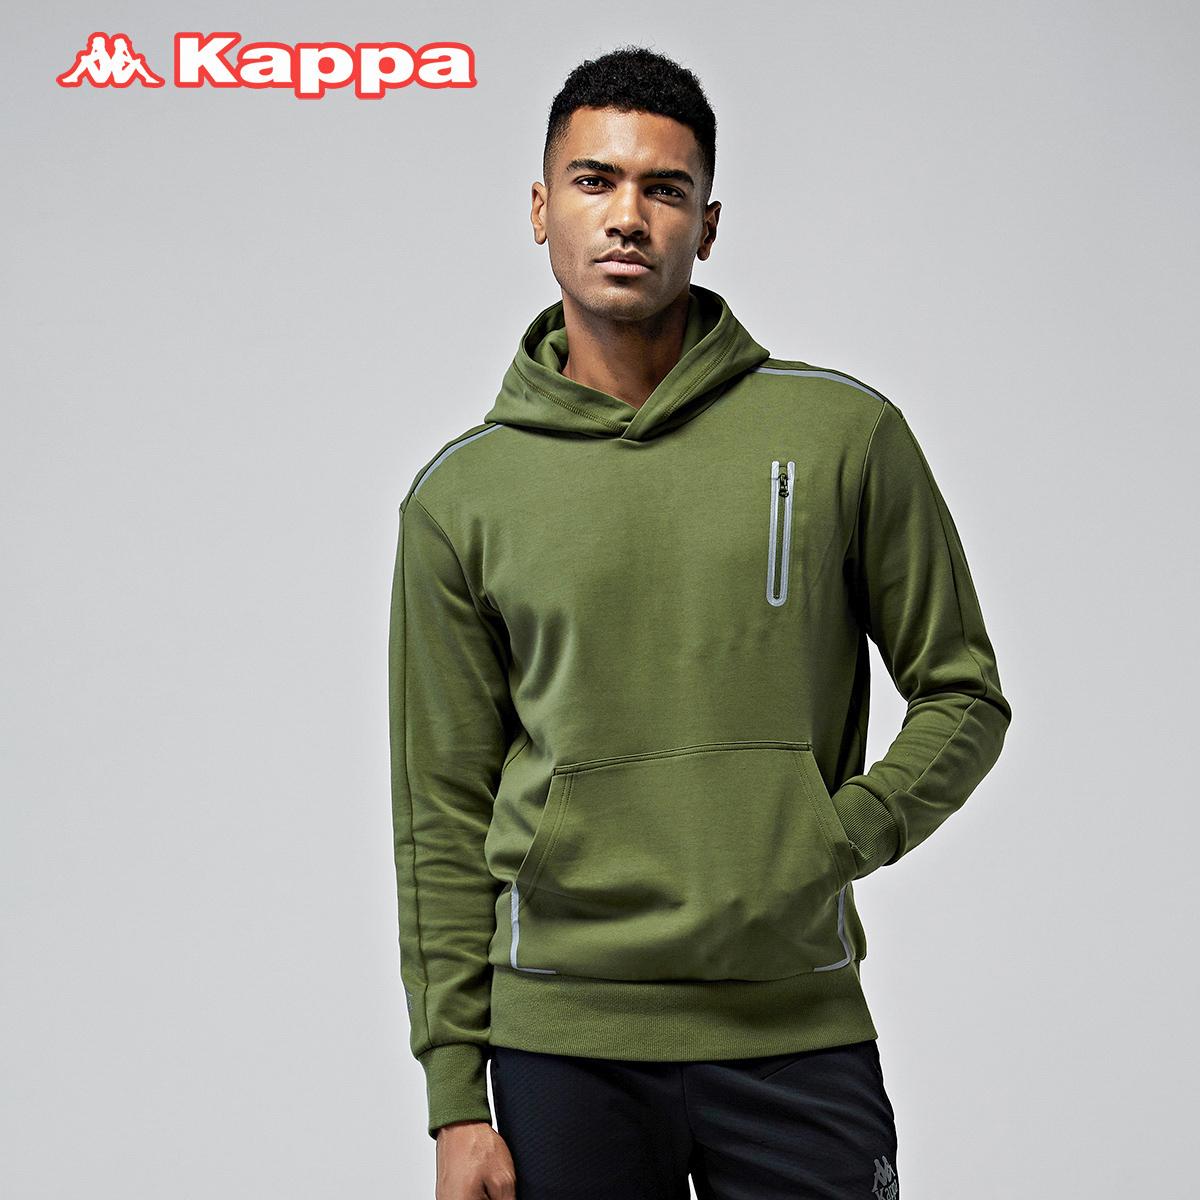 Áo len thể thao nam Kappa Kappa Áo thể thao giản dị Áo thể thao | K0752MT11D